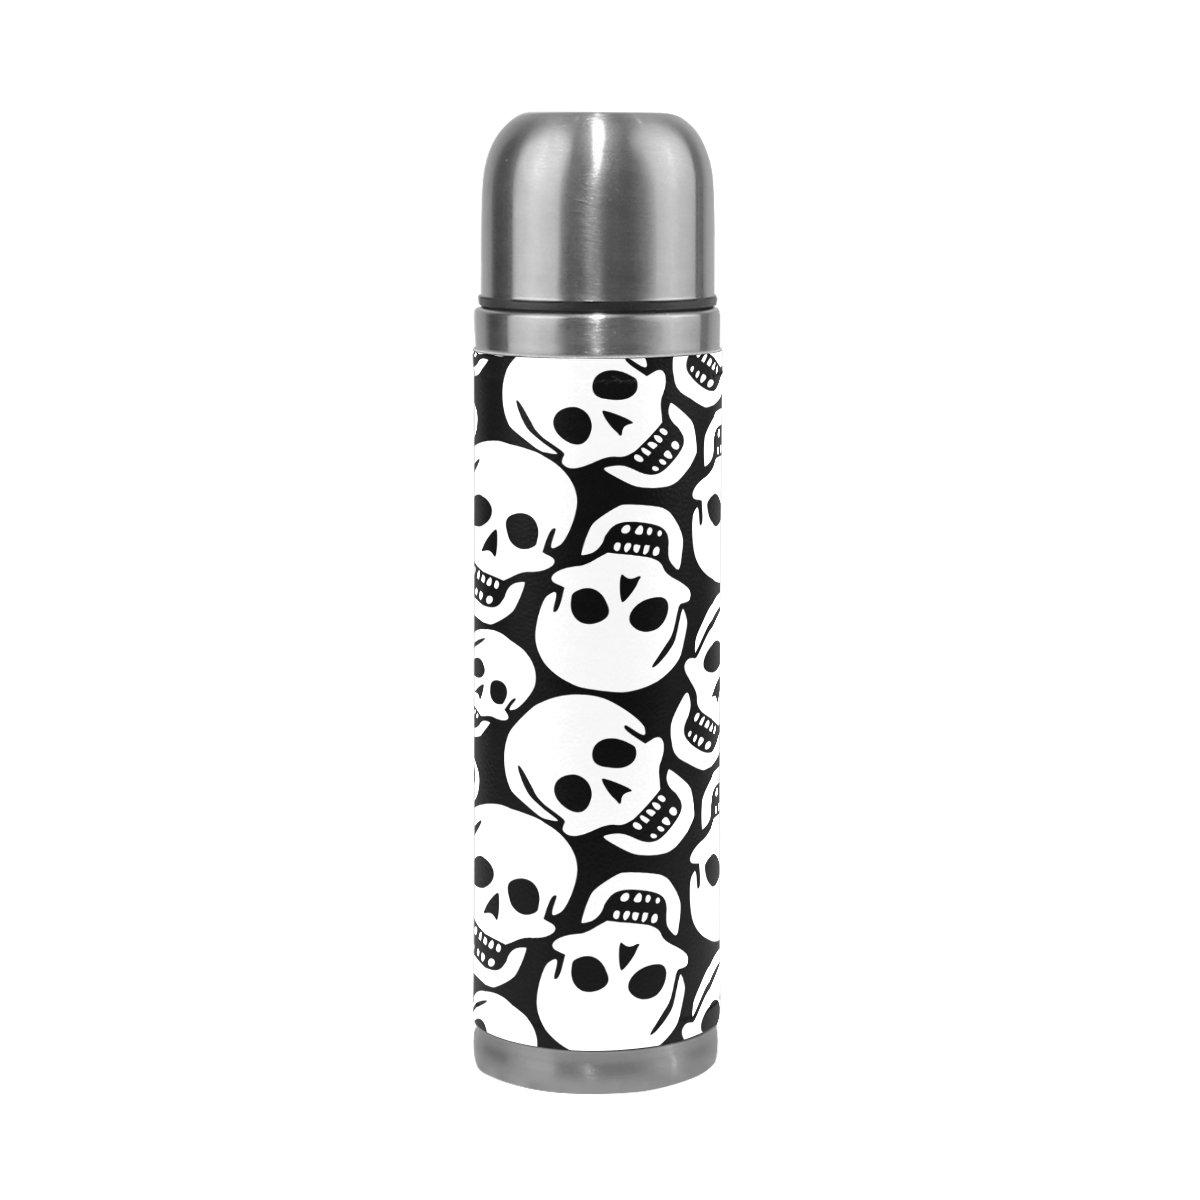 国内発送 Alaza Skullsダブルウォールウォーターボトルステンレス鋼真空断熱魔法瓶フラスコホットとコールド17 oz oz Alaza B075K9DXNK B075K9DXNK, 街の雑貨屋さん:f5f3f9c4 --- a0267596.xsph.ru